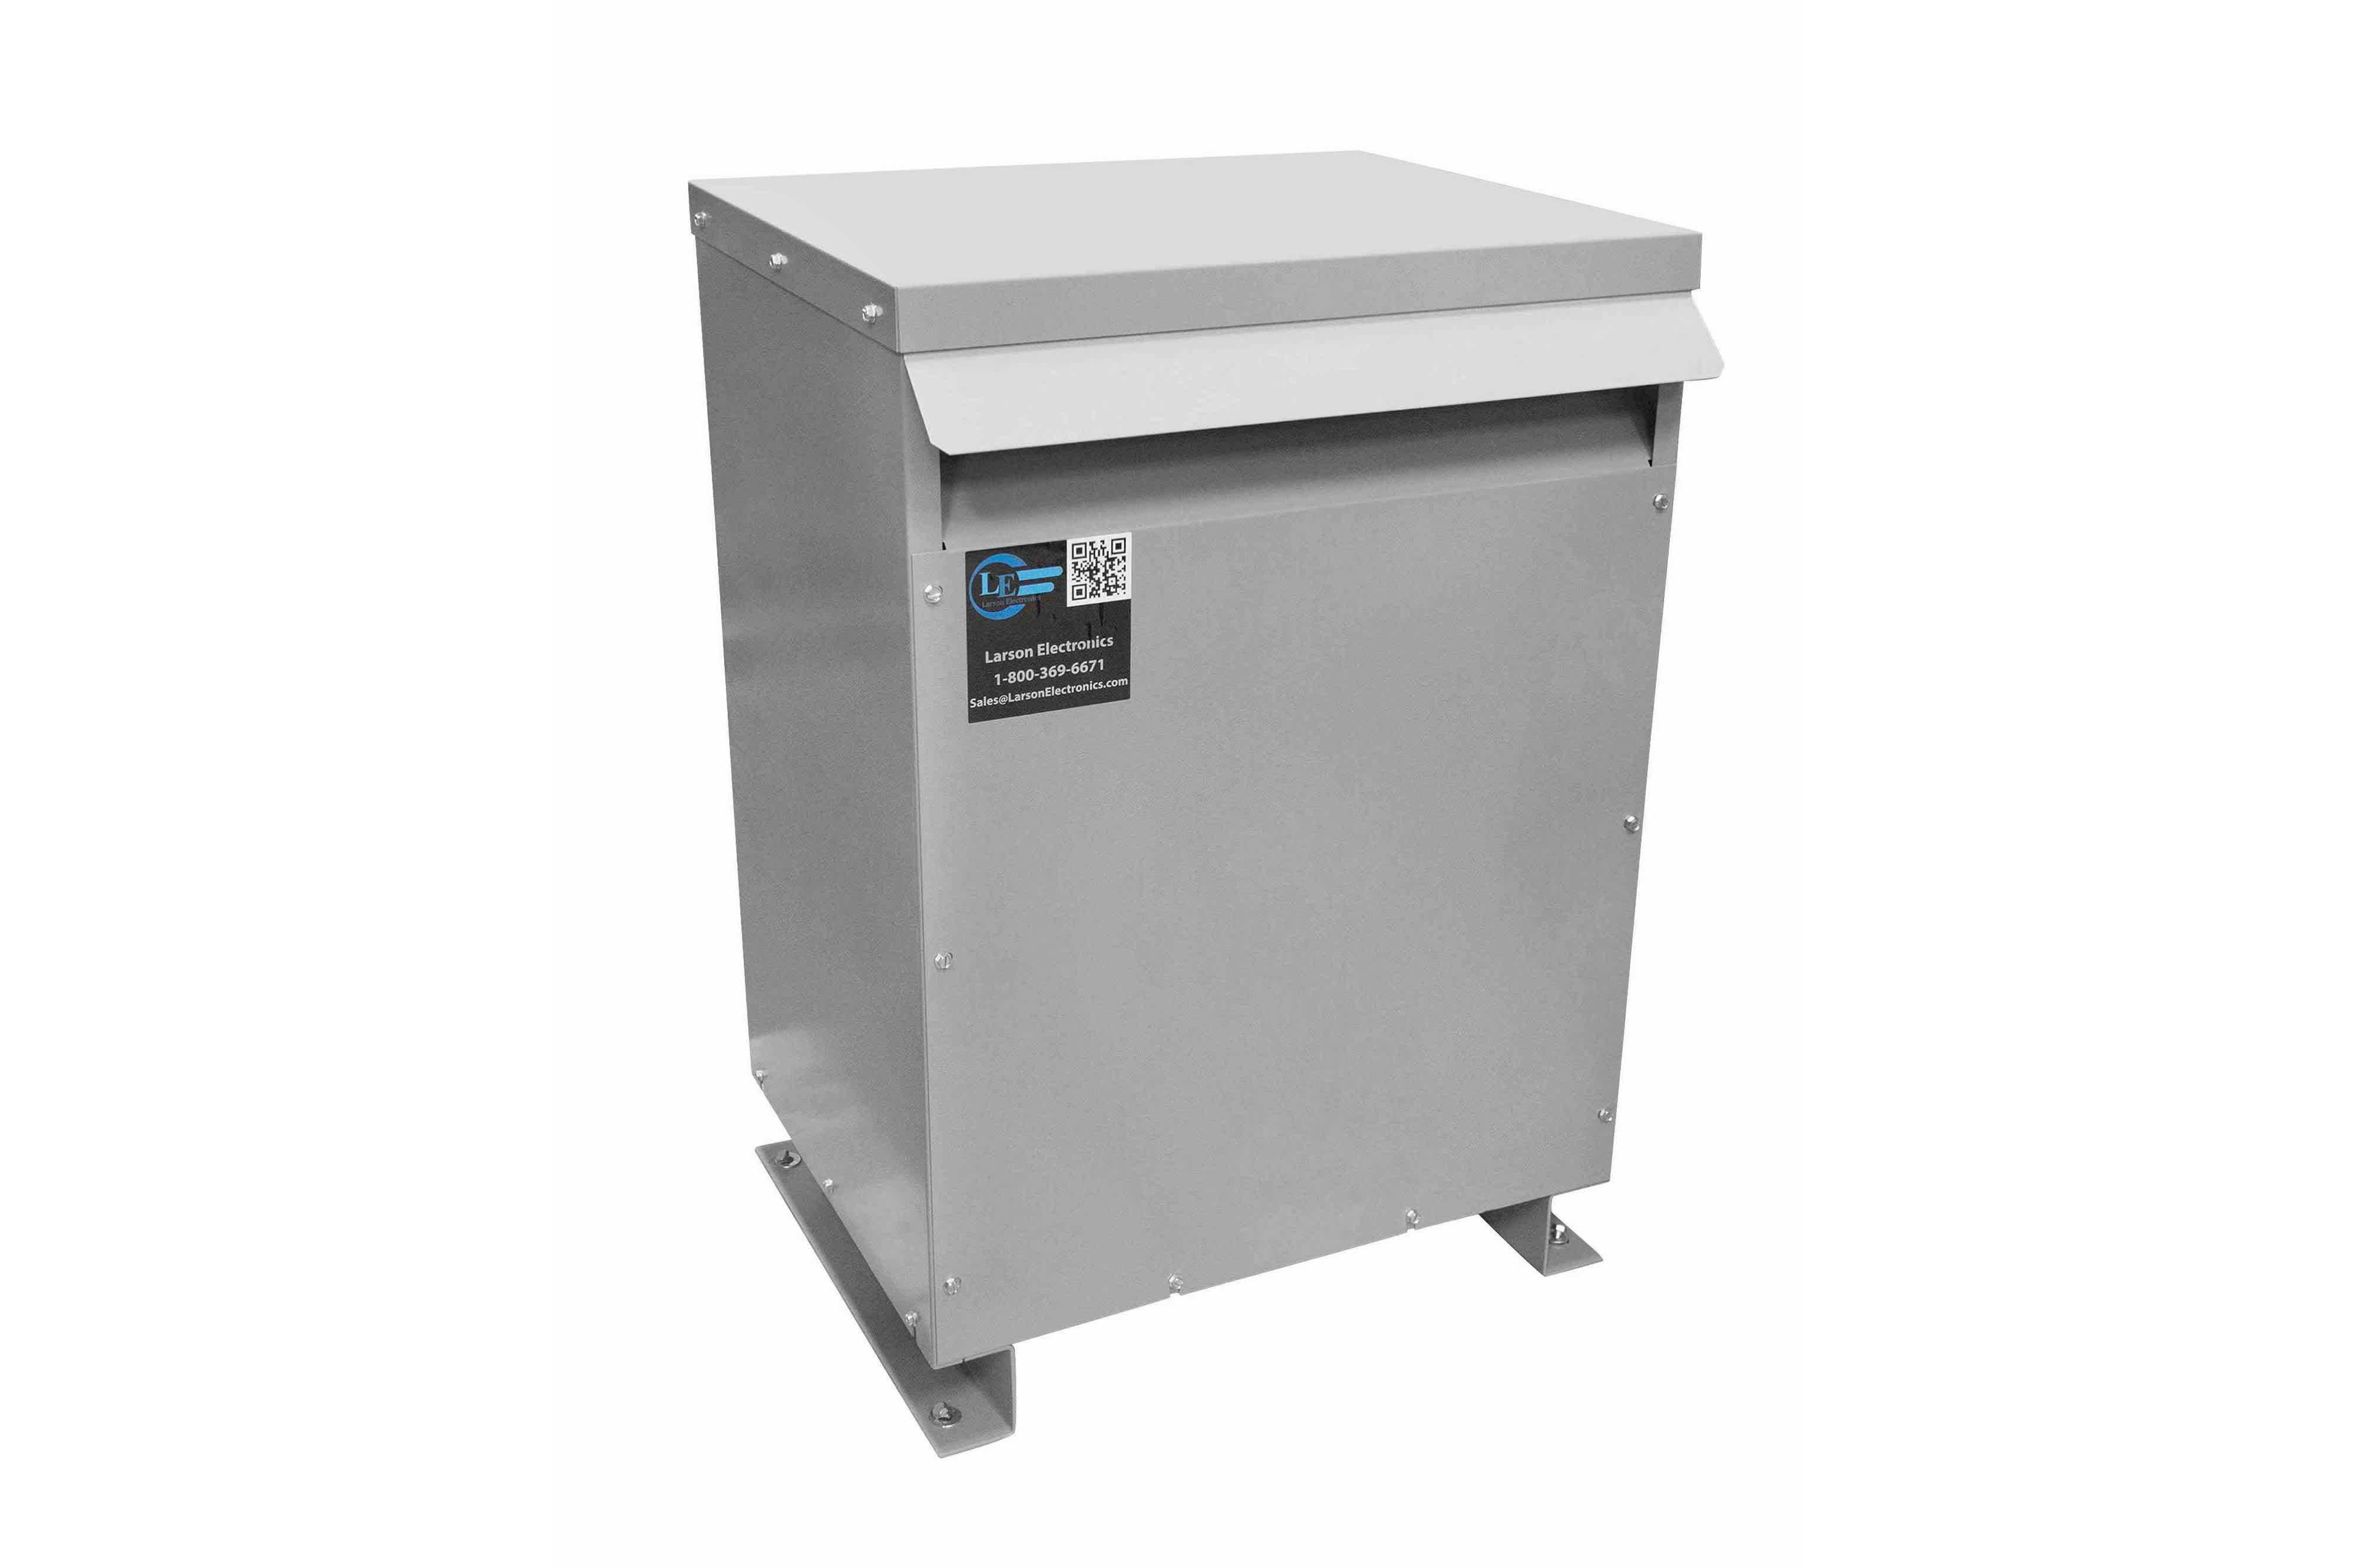 167 kVA 3PH Isolation Transformer, 380V Delta Primary, 240 Delta Secondary, N3R, Ventilated, 60 Hz